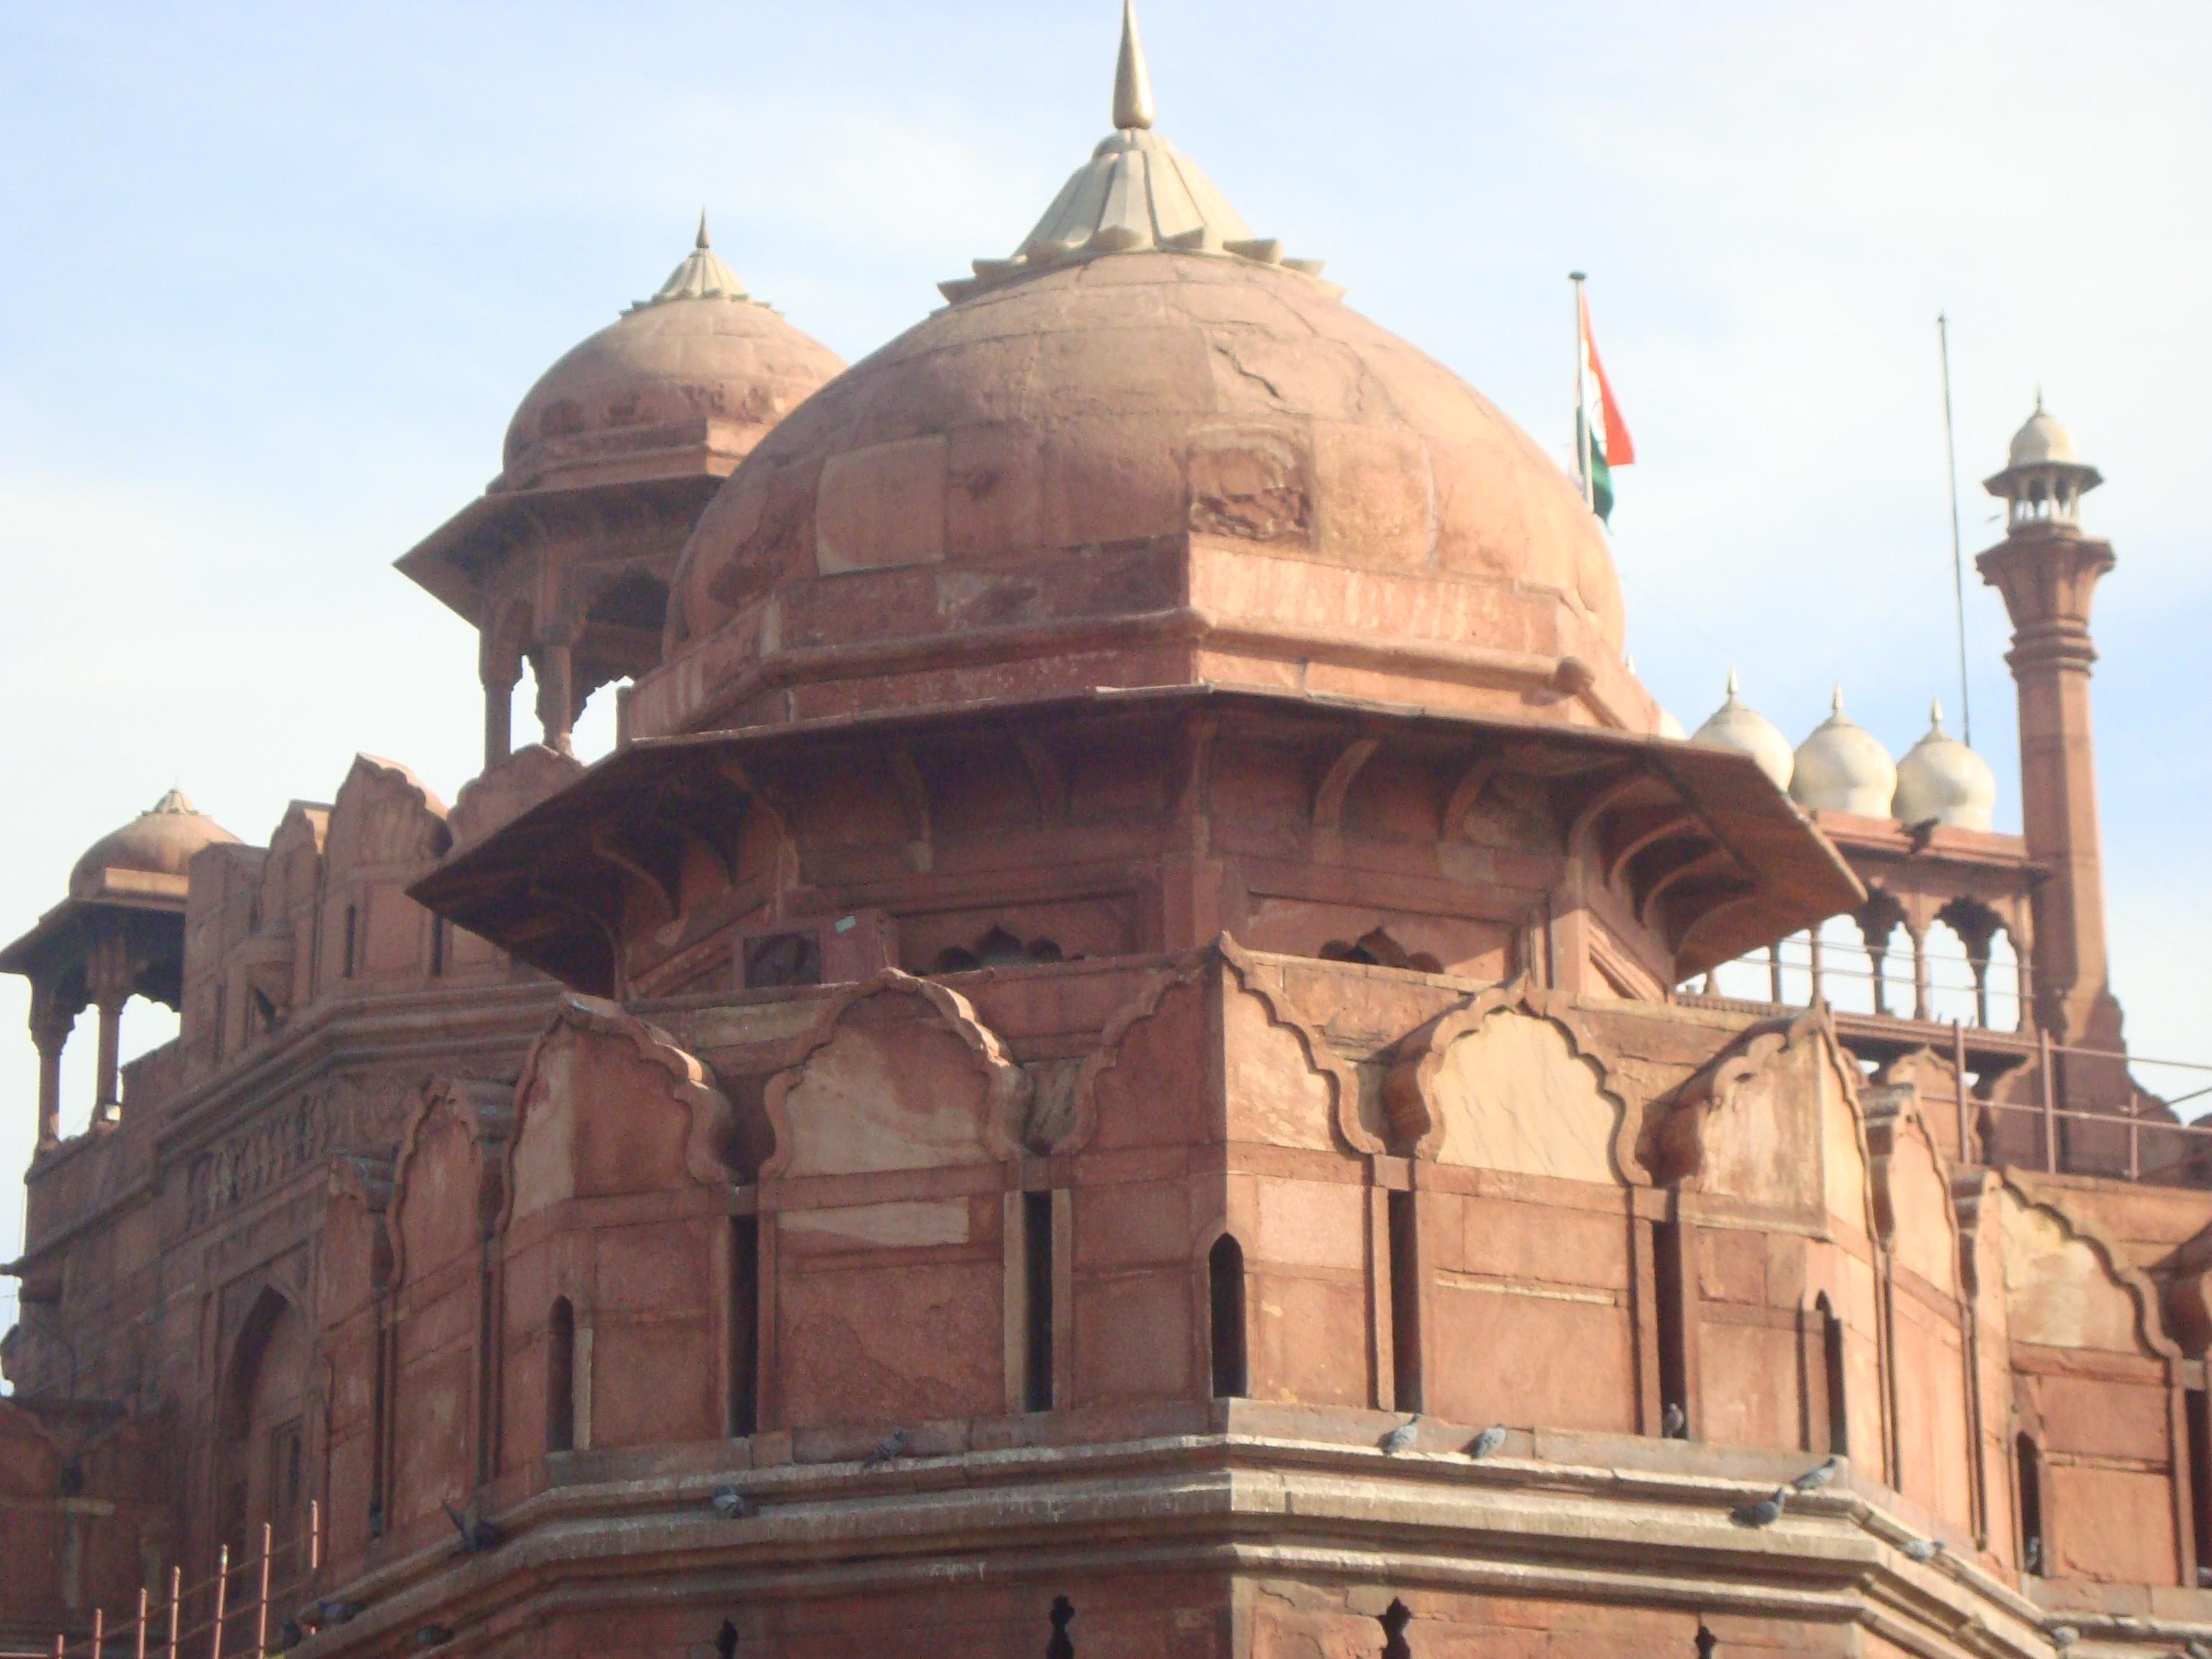 Who Built Red Fort in Delhi File:red Fort Delhi Front